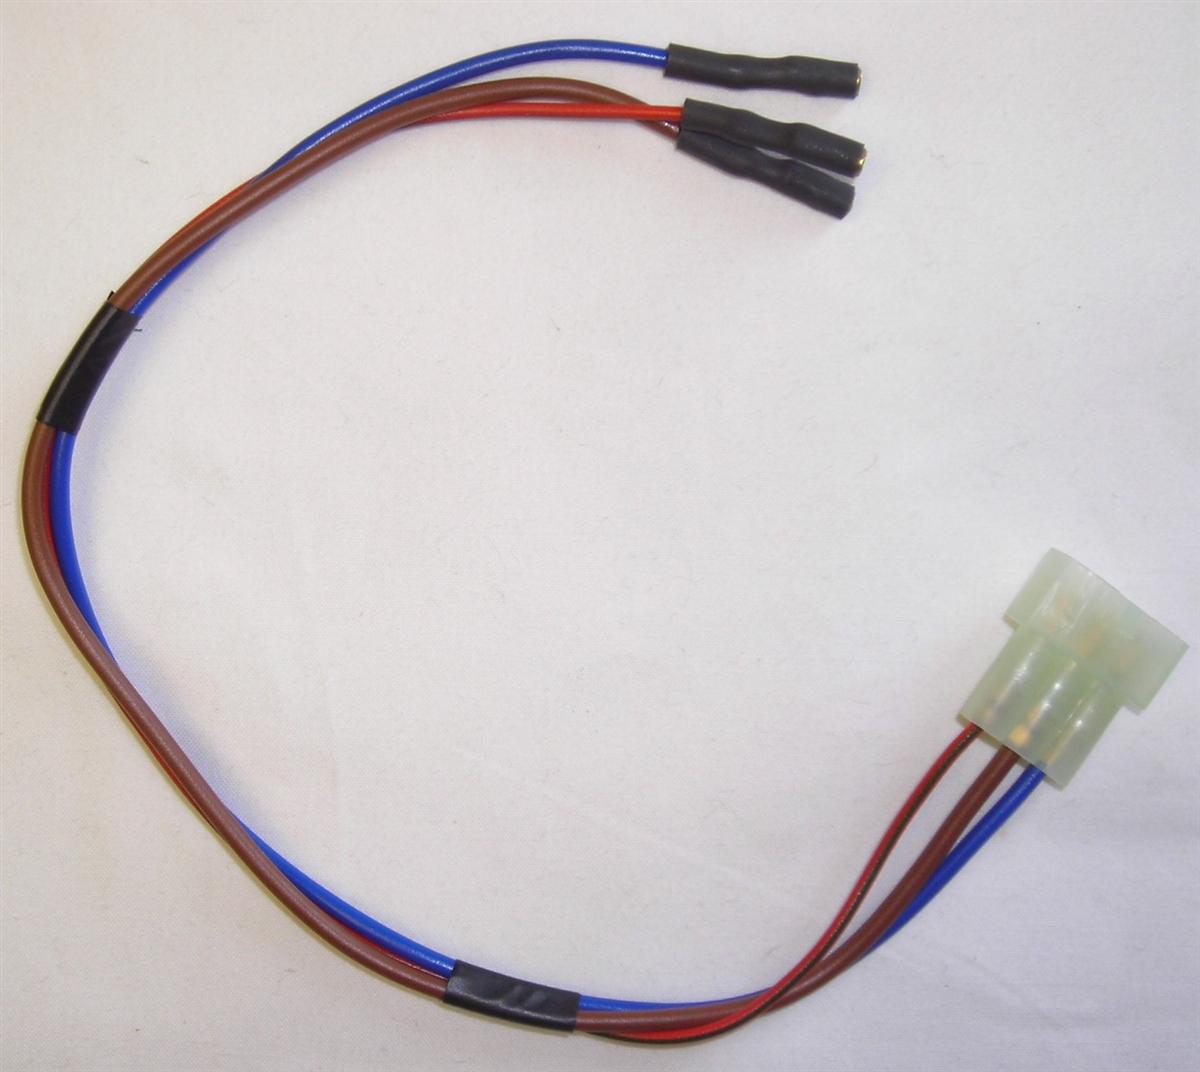 1978 mgb wiring harness wiring diagram schematics classic car headlight wiring schematic 1978 mgb wiring harness [ 1200 x 1072 Pixel ]